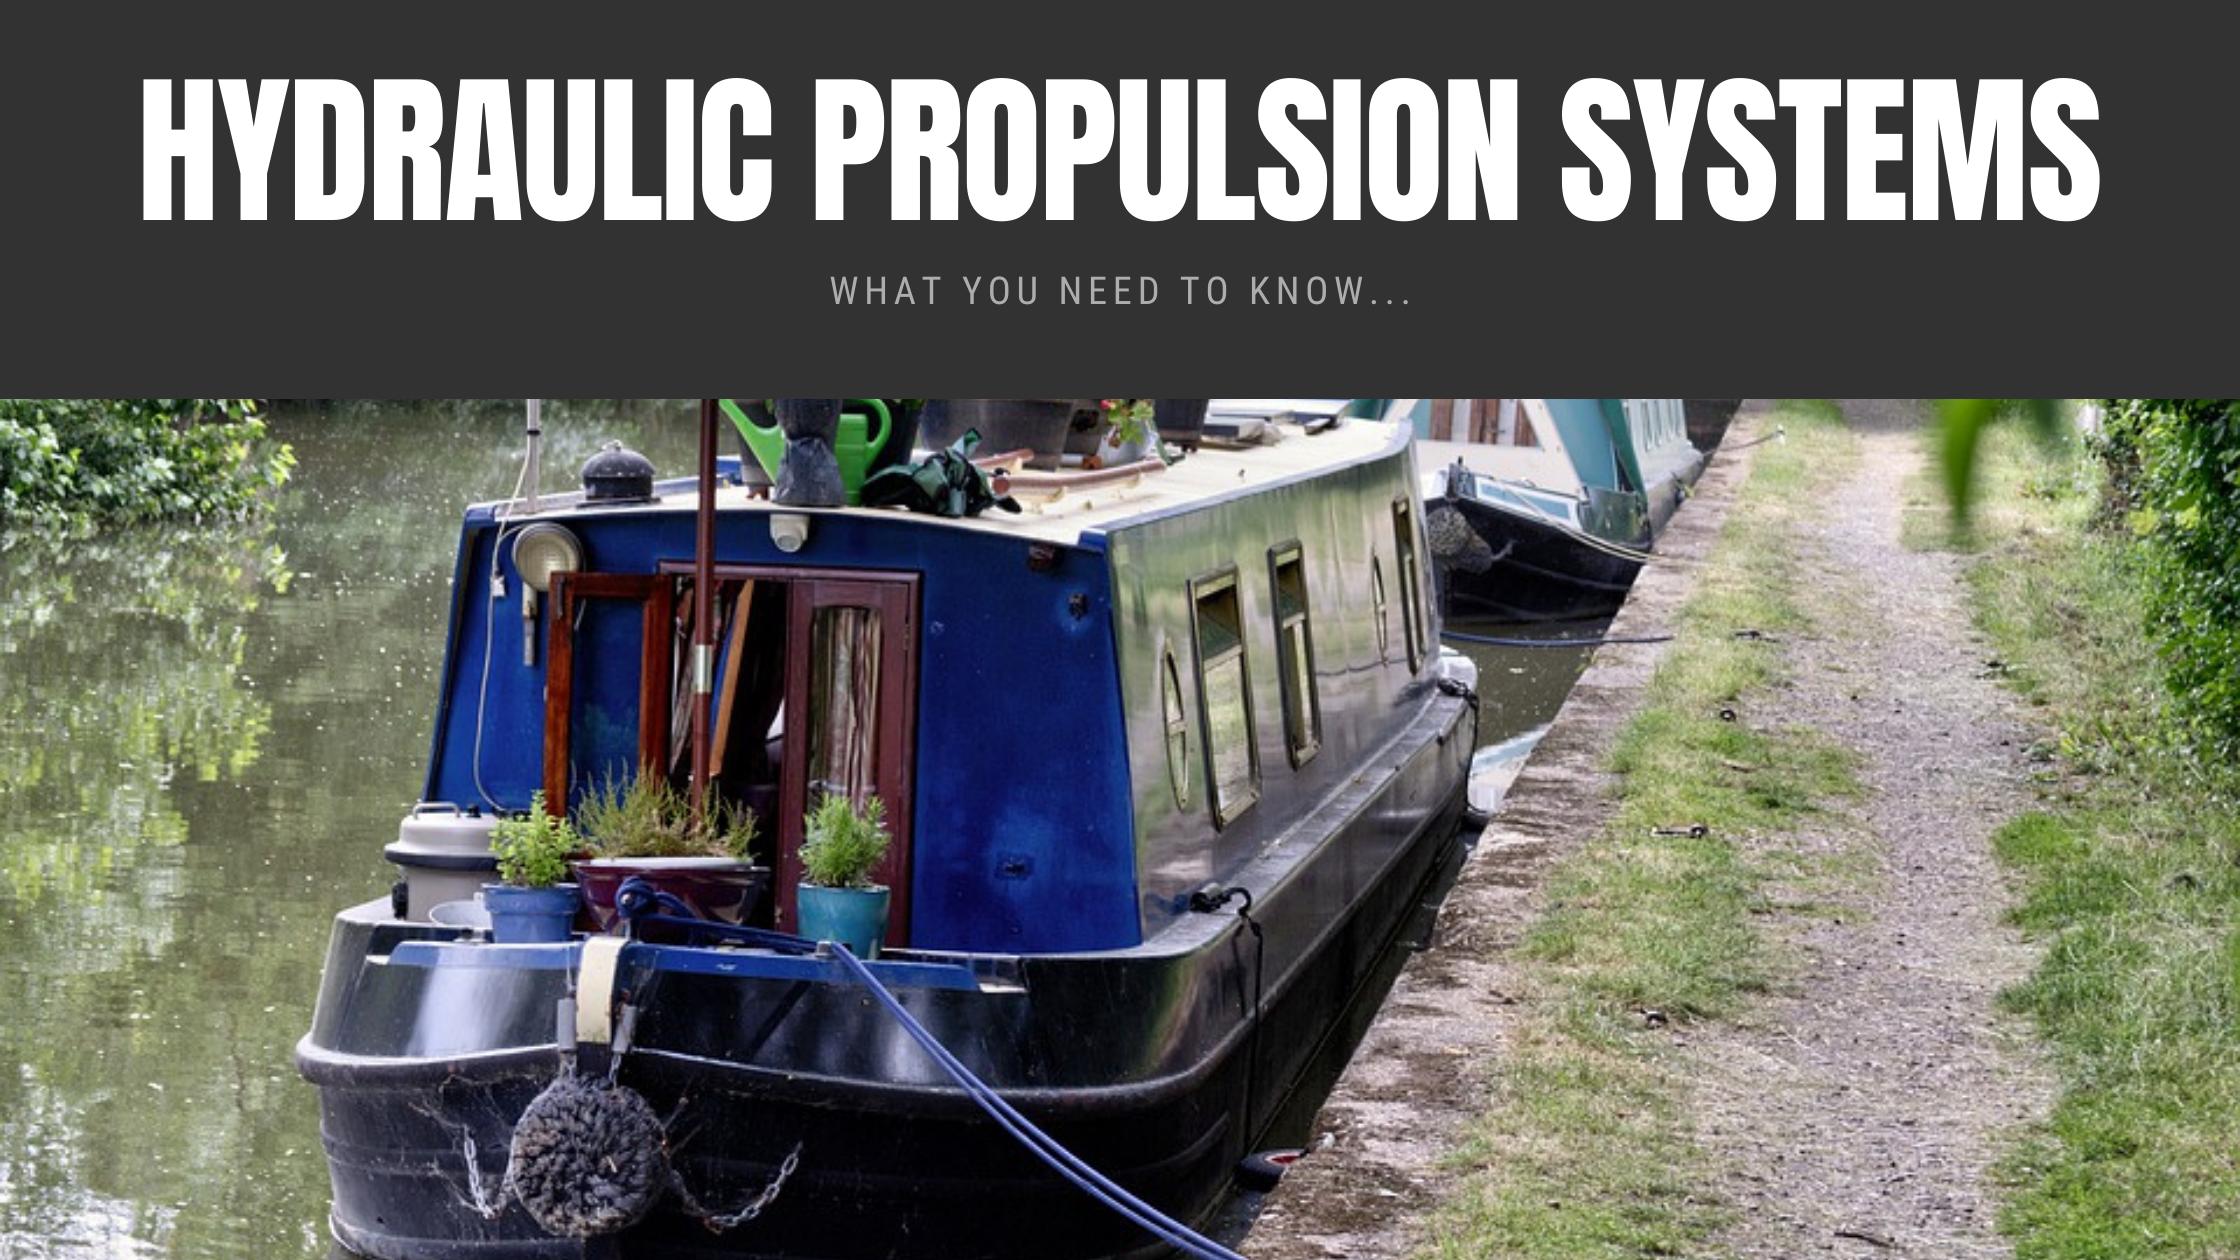 Hydraulic Propulsion Systems Narrowboats